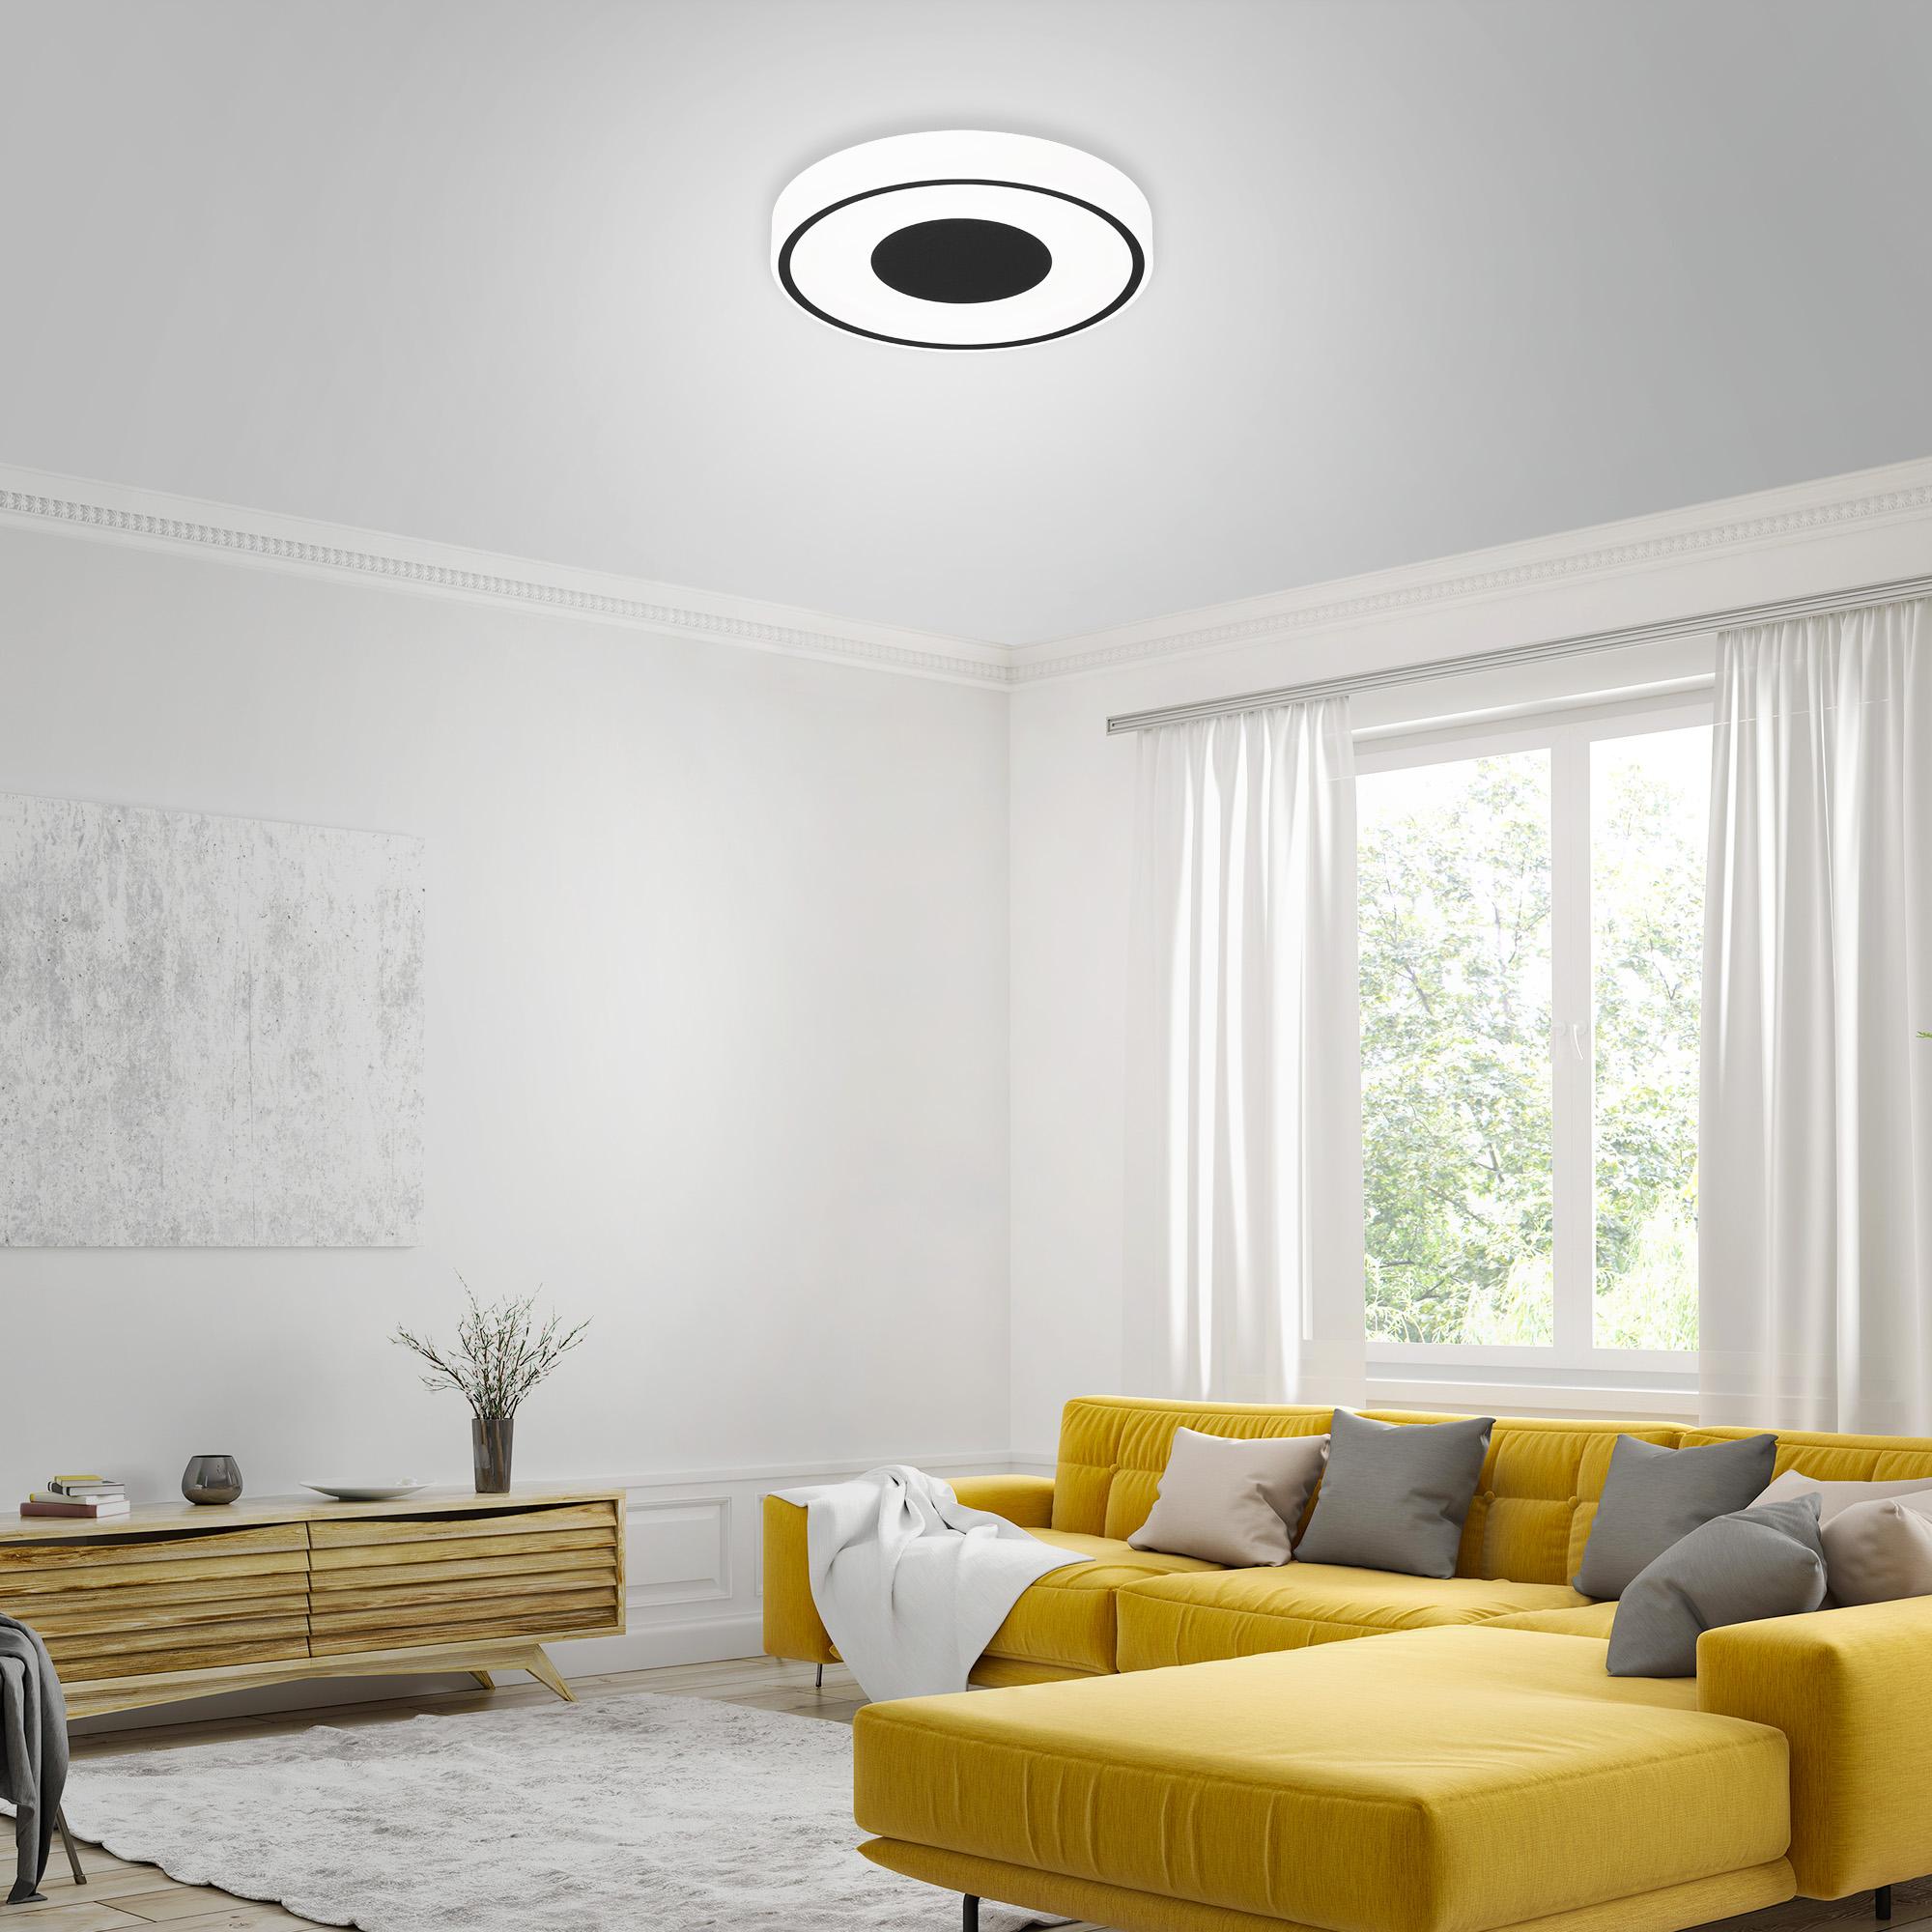 LED Deckenleuchte, Ø 38,5 cm, 18 W, Schwarz-Weiss